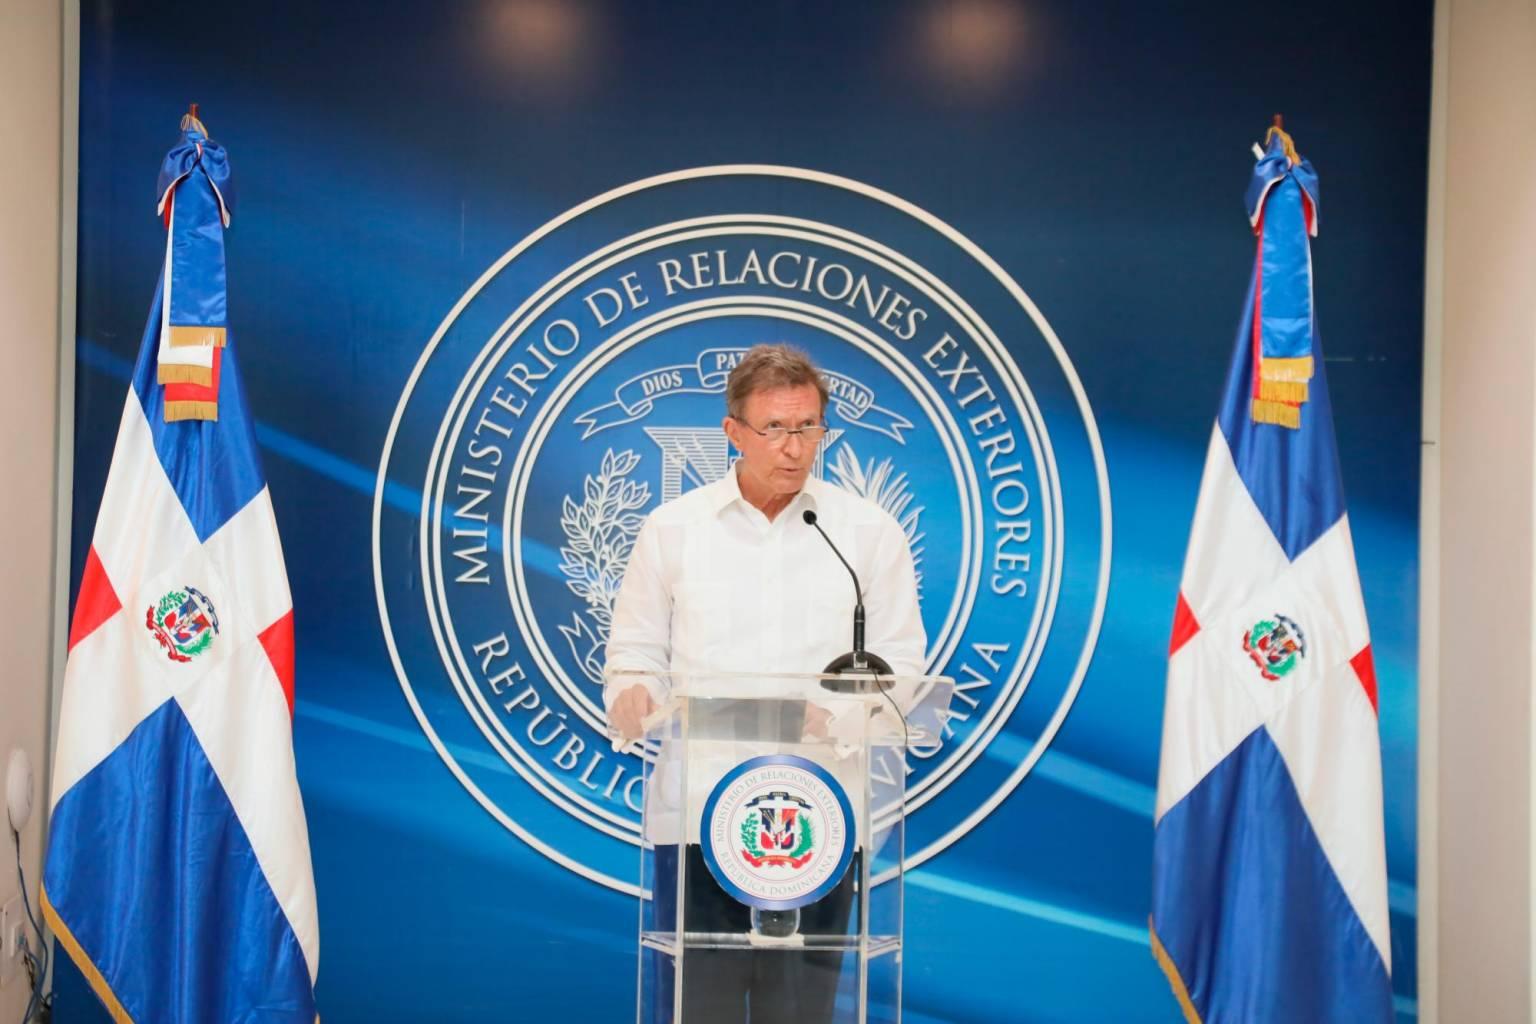 Cancillería investiga supuesta trata de menores en Argentina con diplomático dominicano